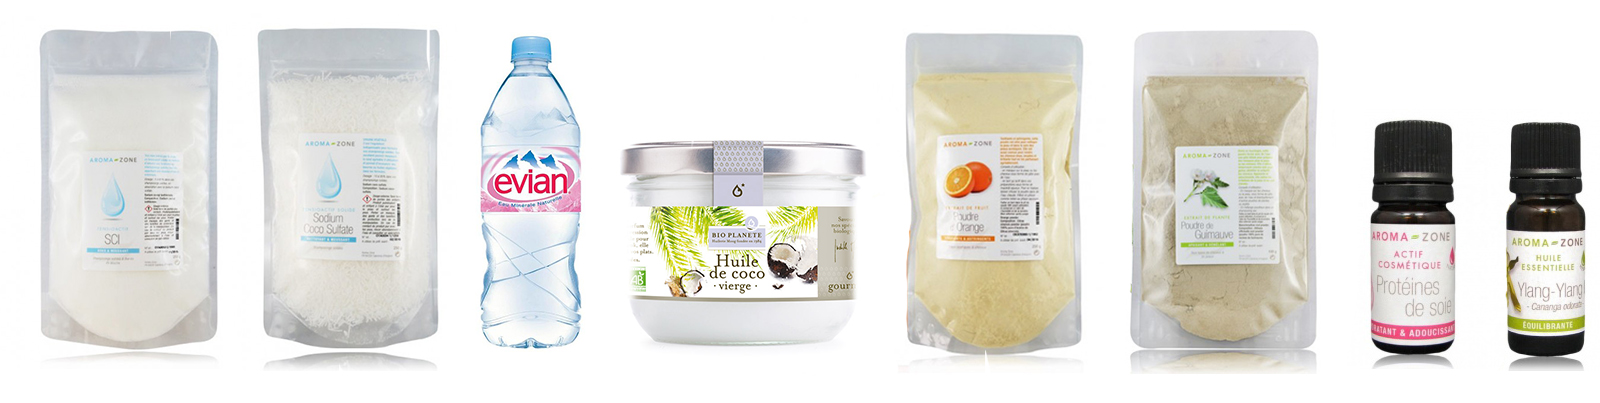 ingrédients shampoing solide cheveux secs & abimés